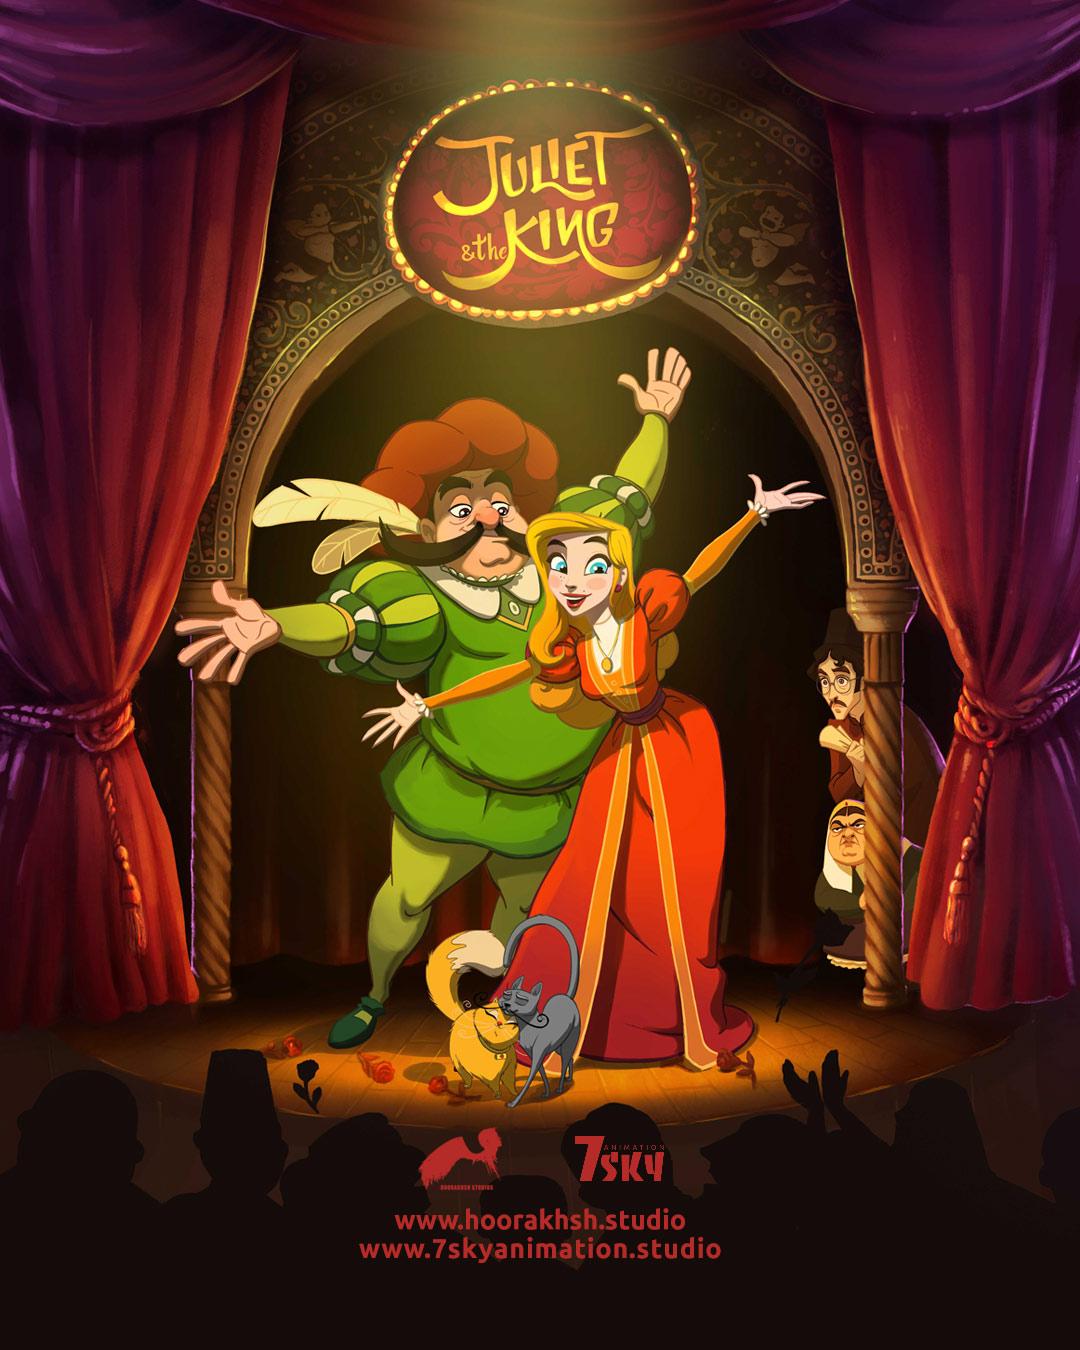 Julieta y el Rey